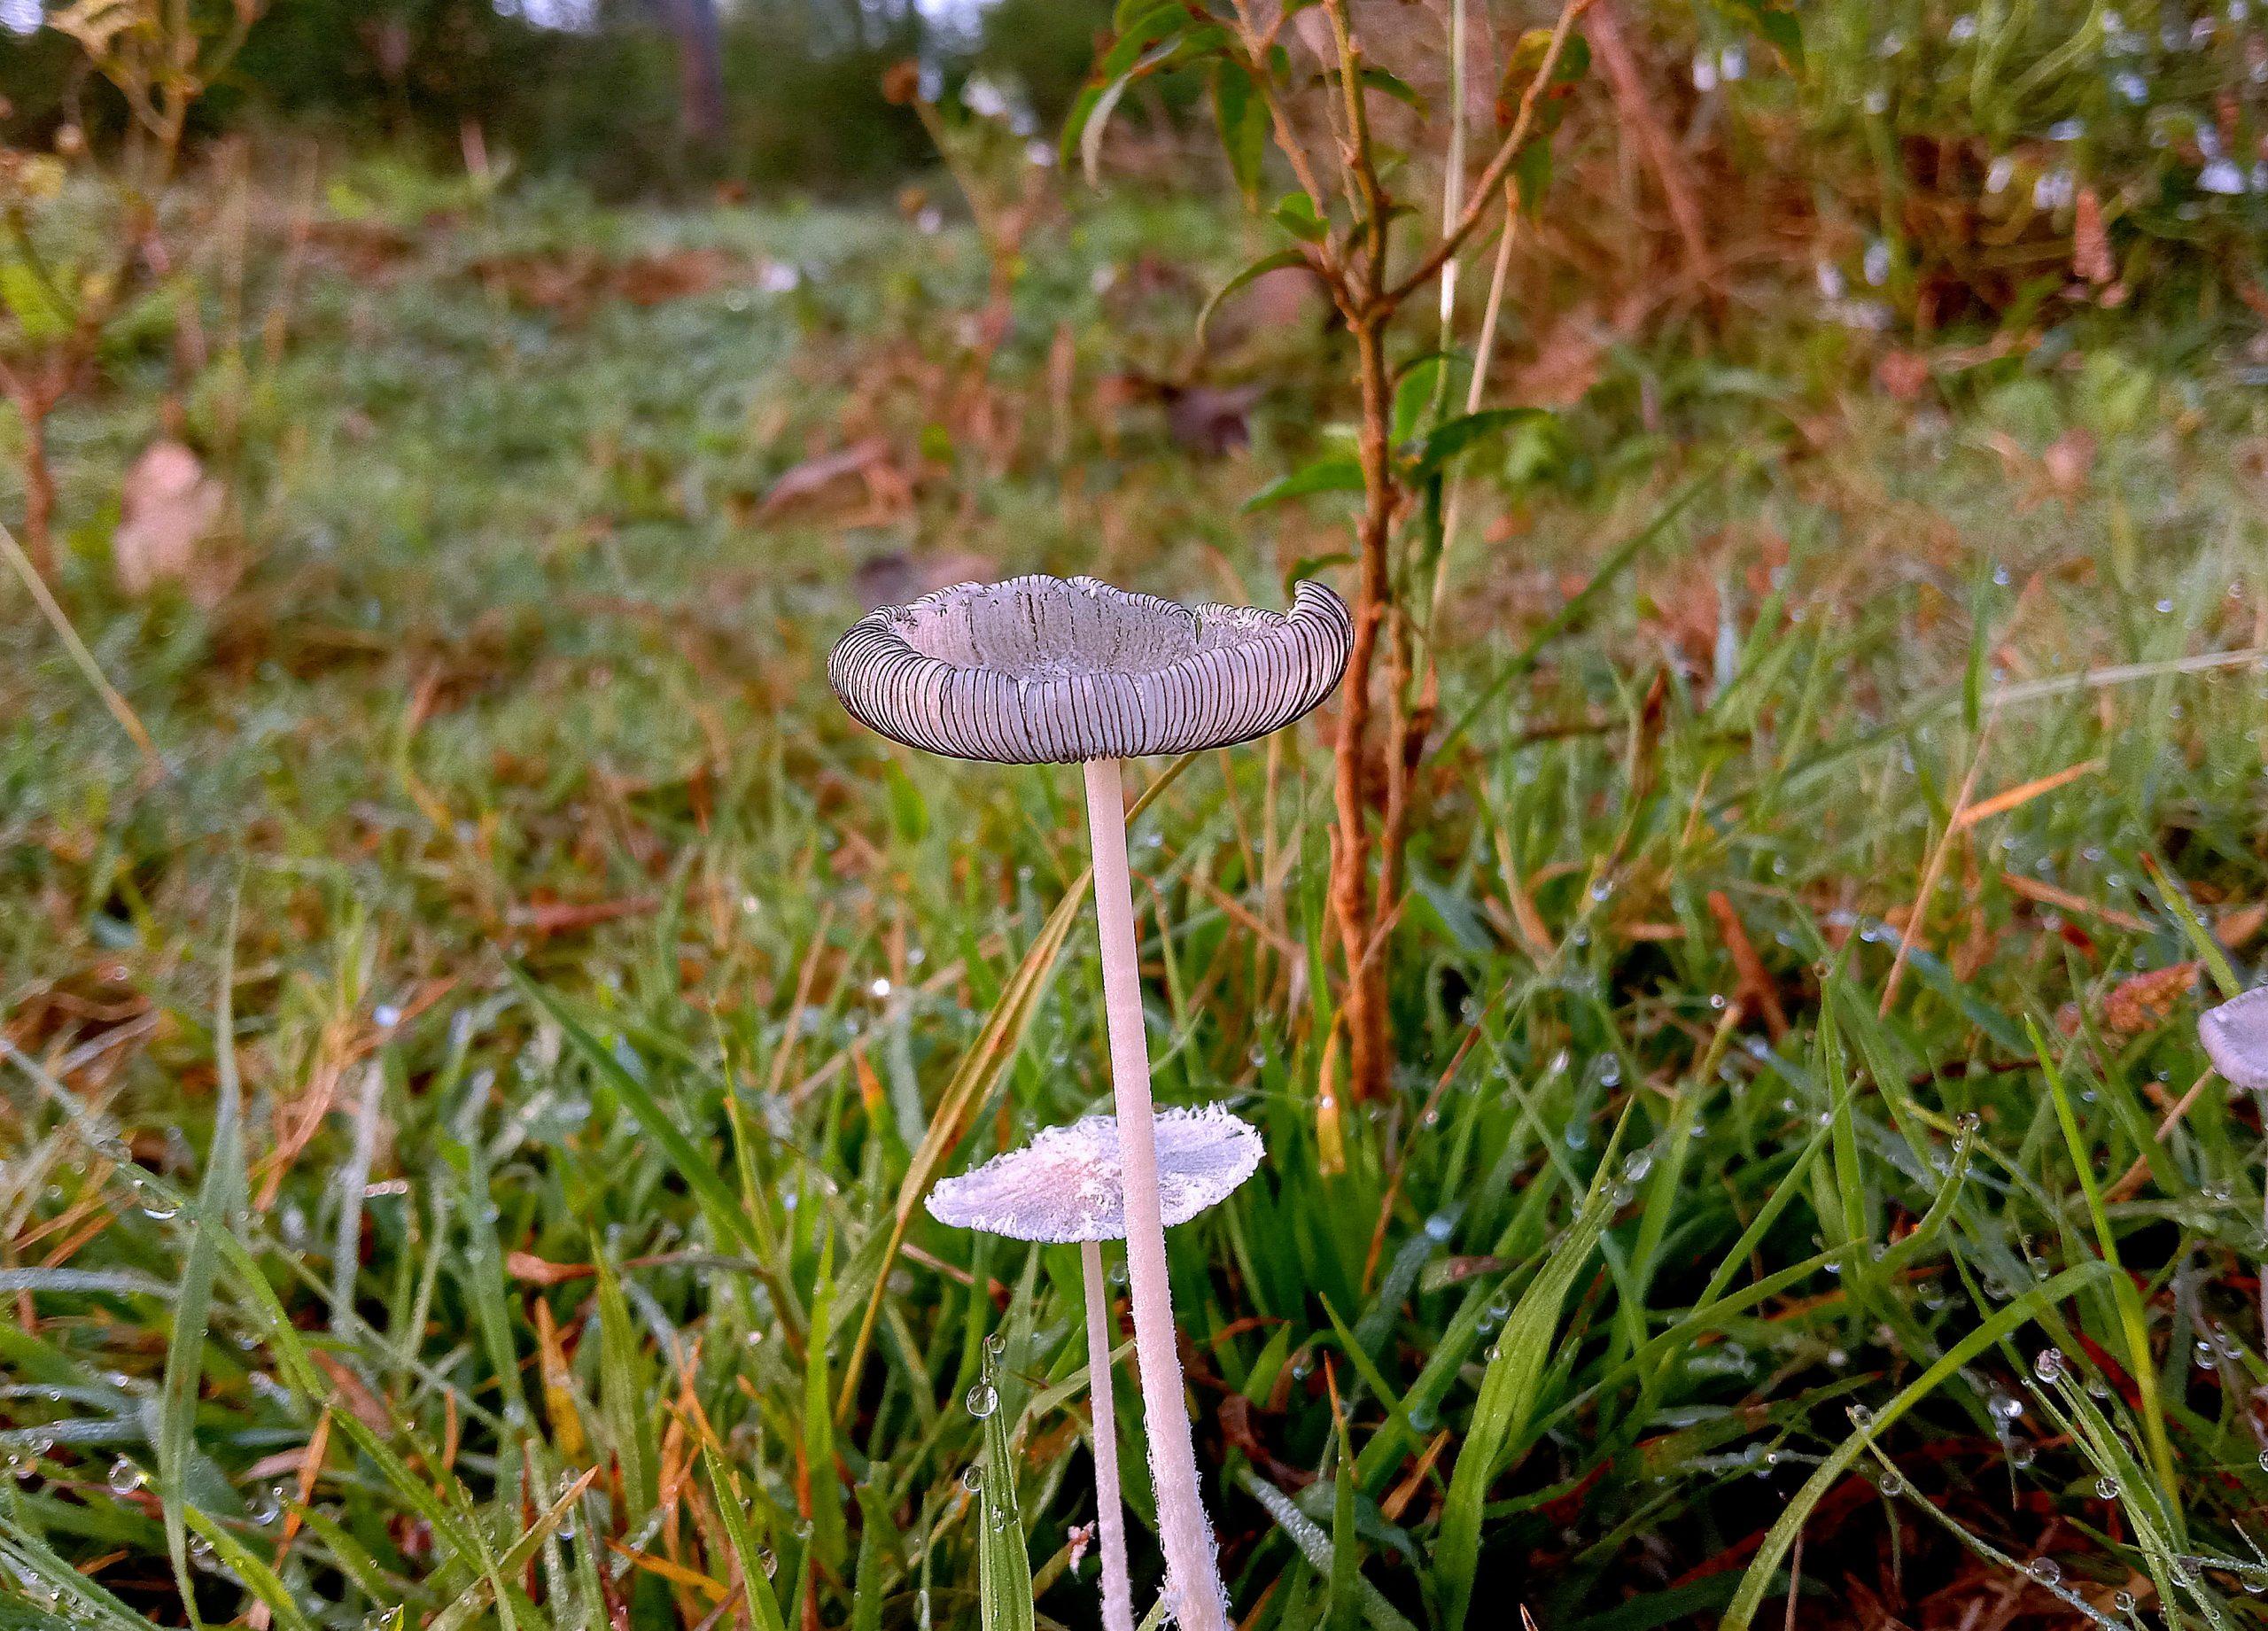 A mushroom plant